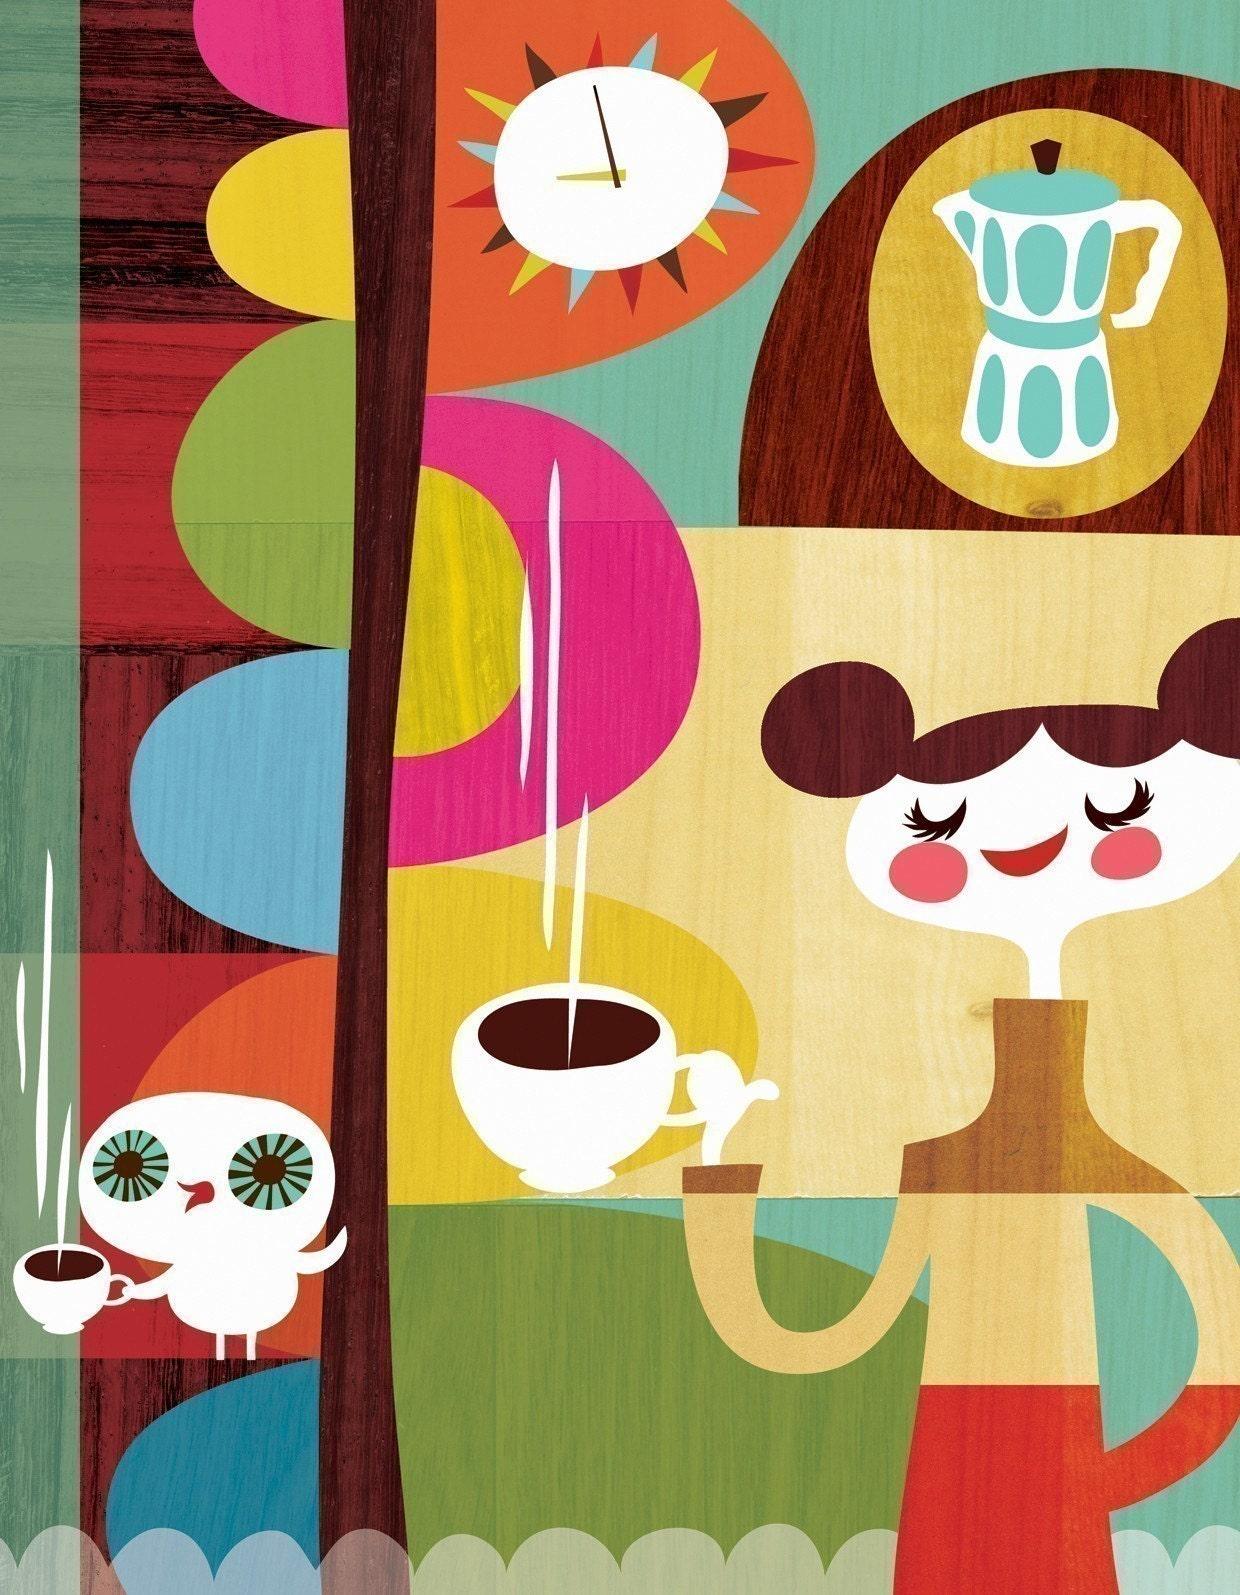 Coffee With My Owl by Helen Dardik